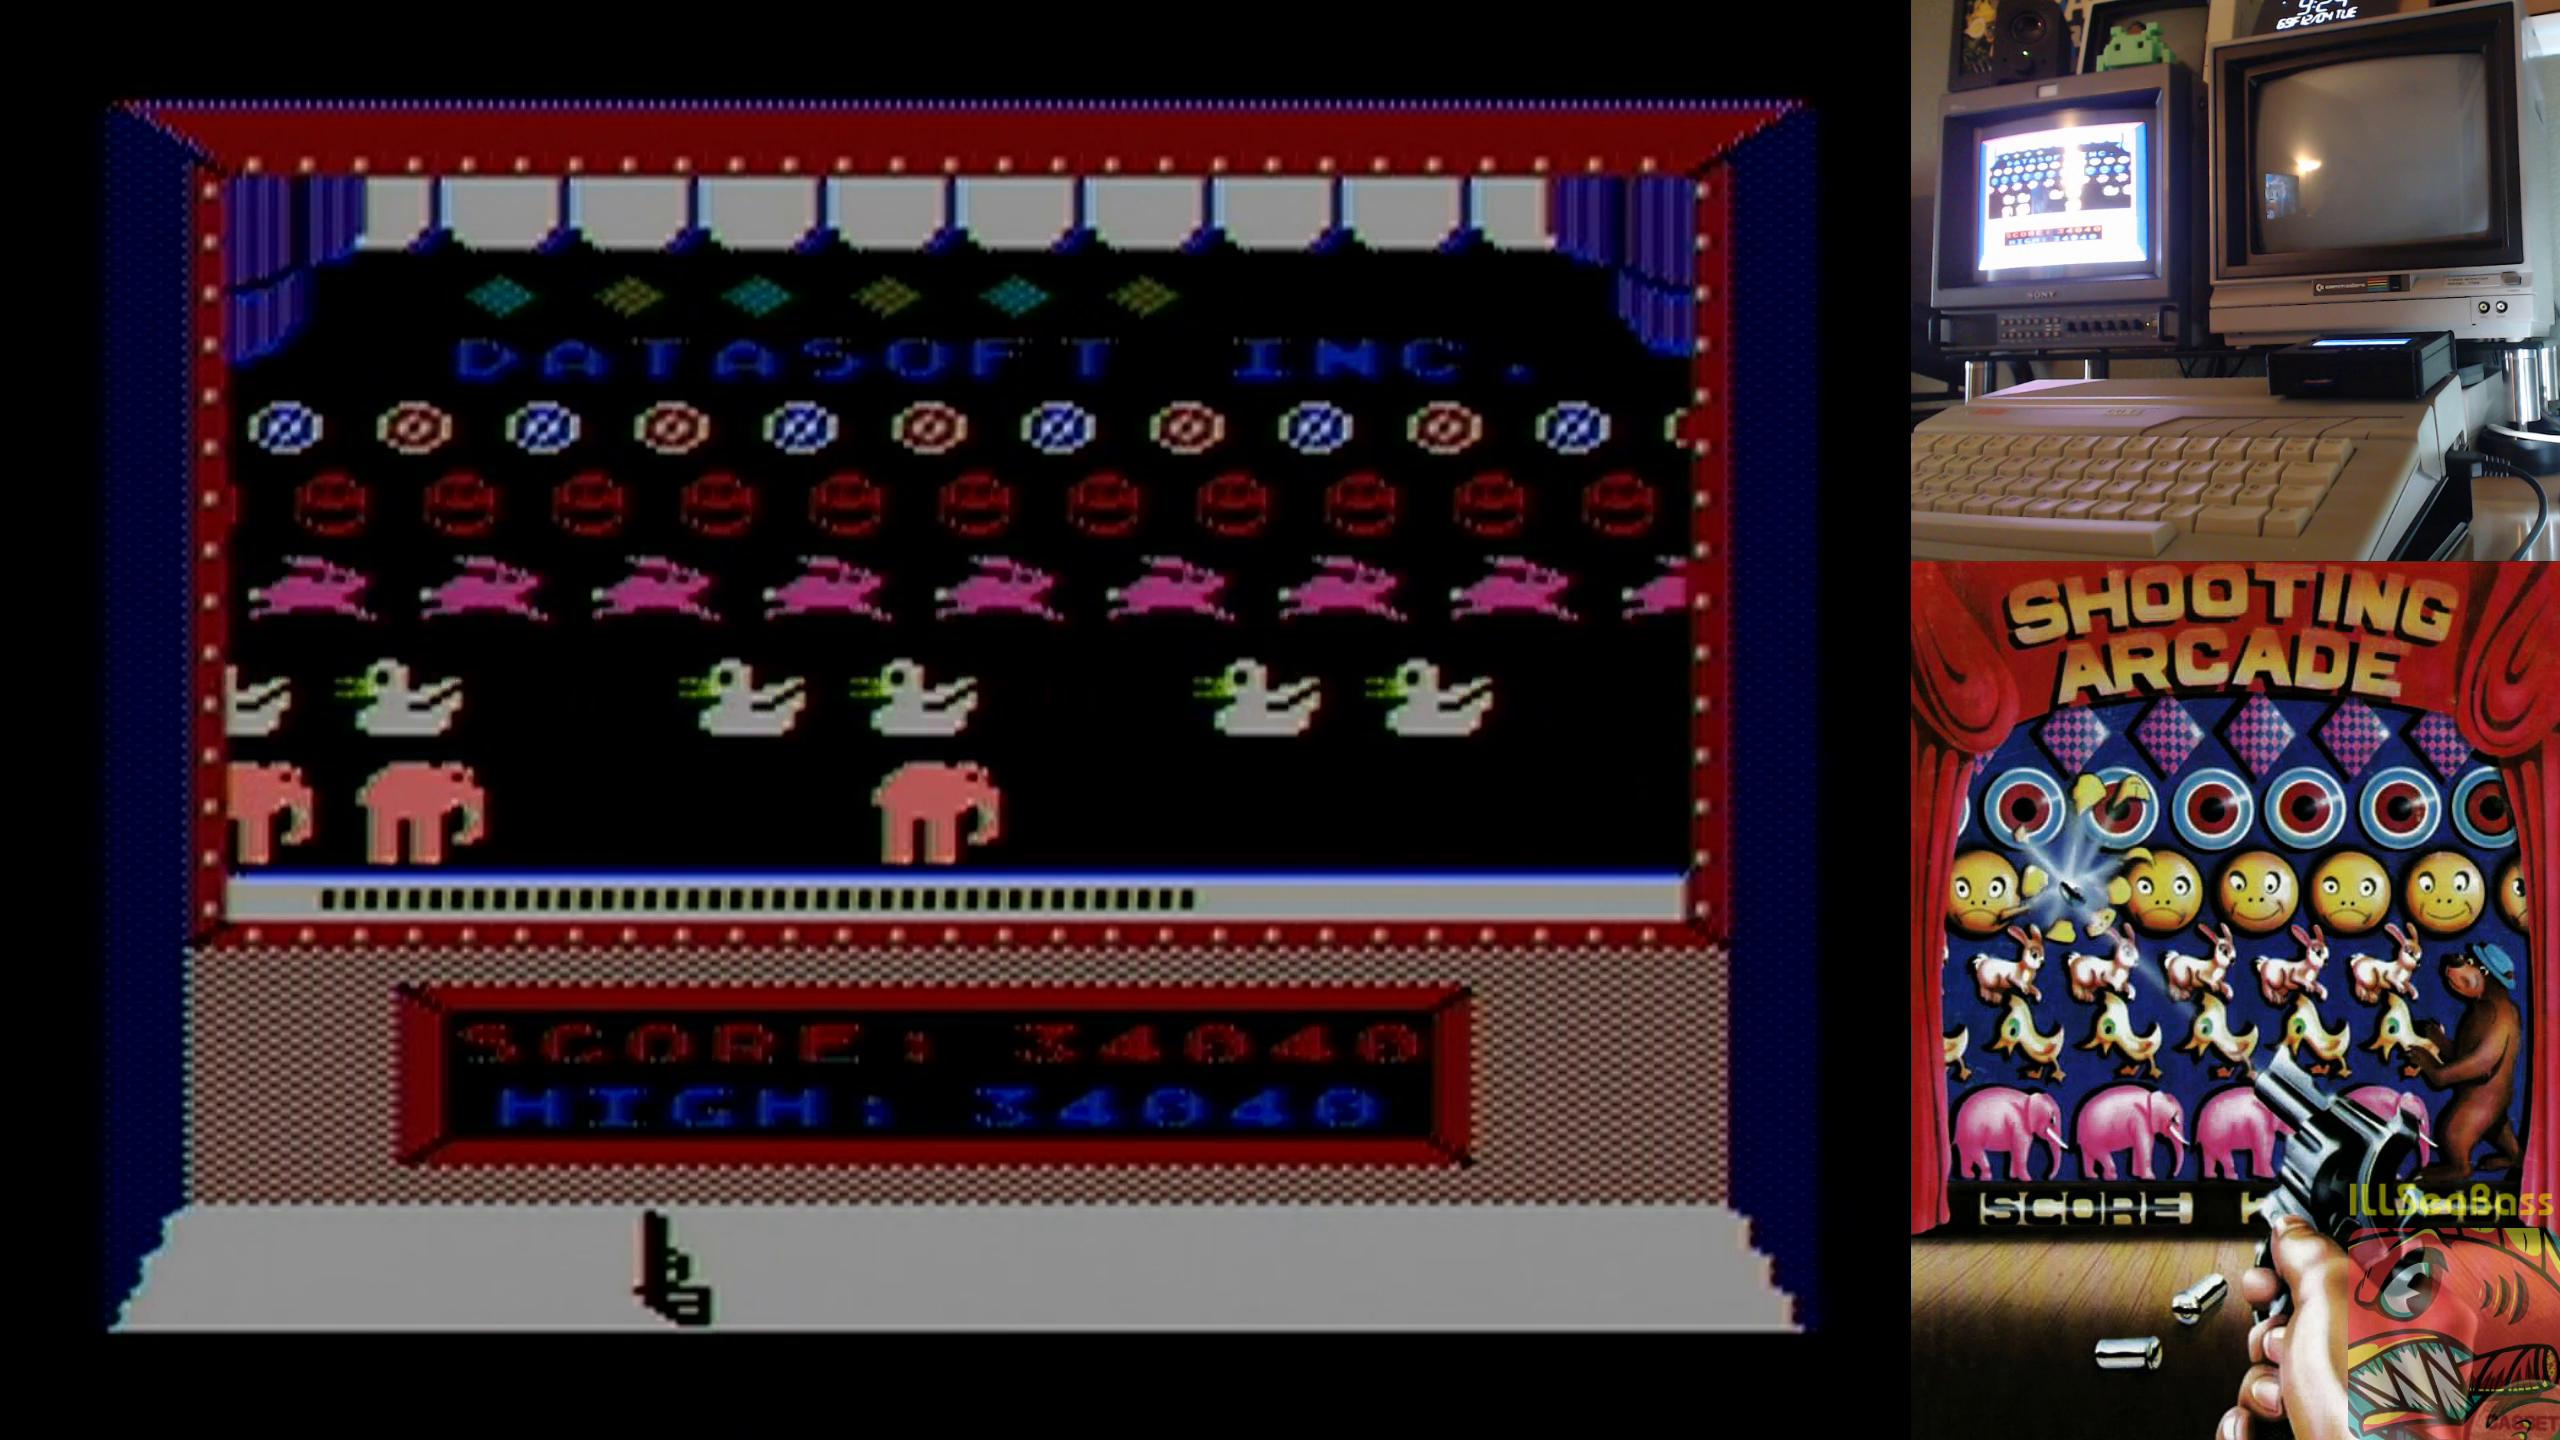 ILLSeaBass: Shooting Arcade (Atari 400/800/XL/XE) 34,040 points on 2018-12-05 20:28:39